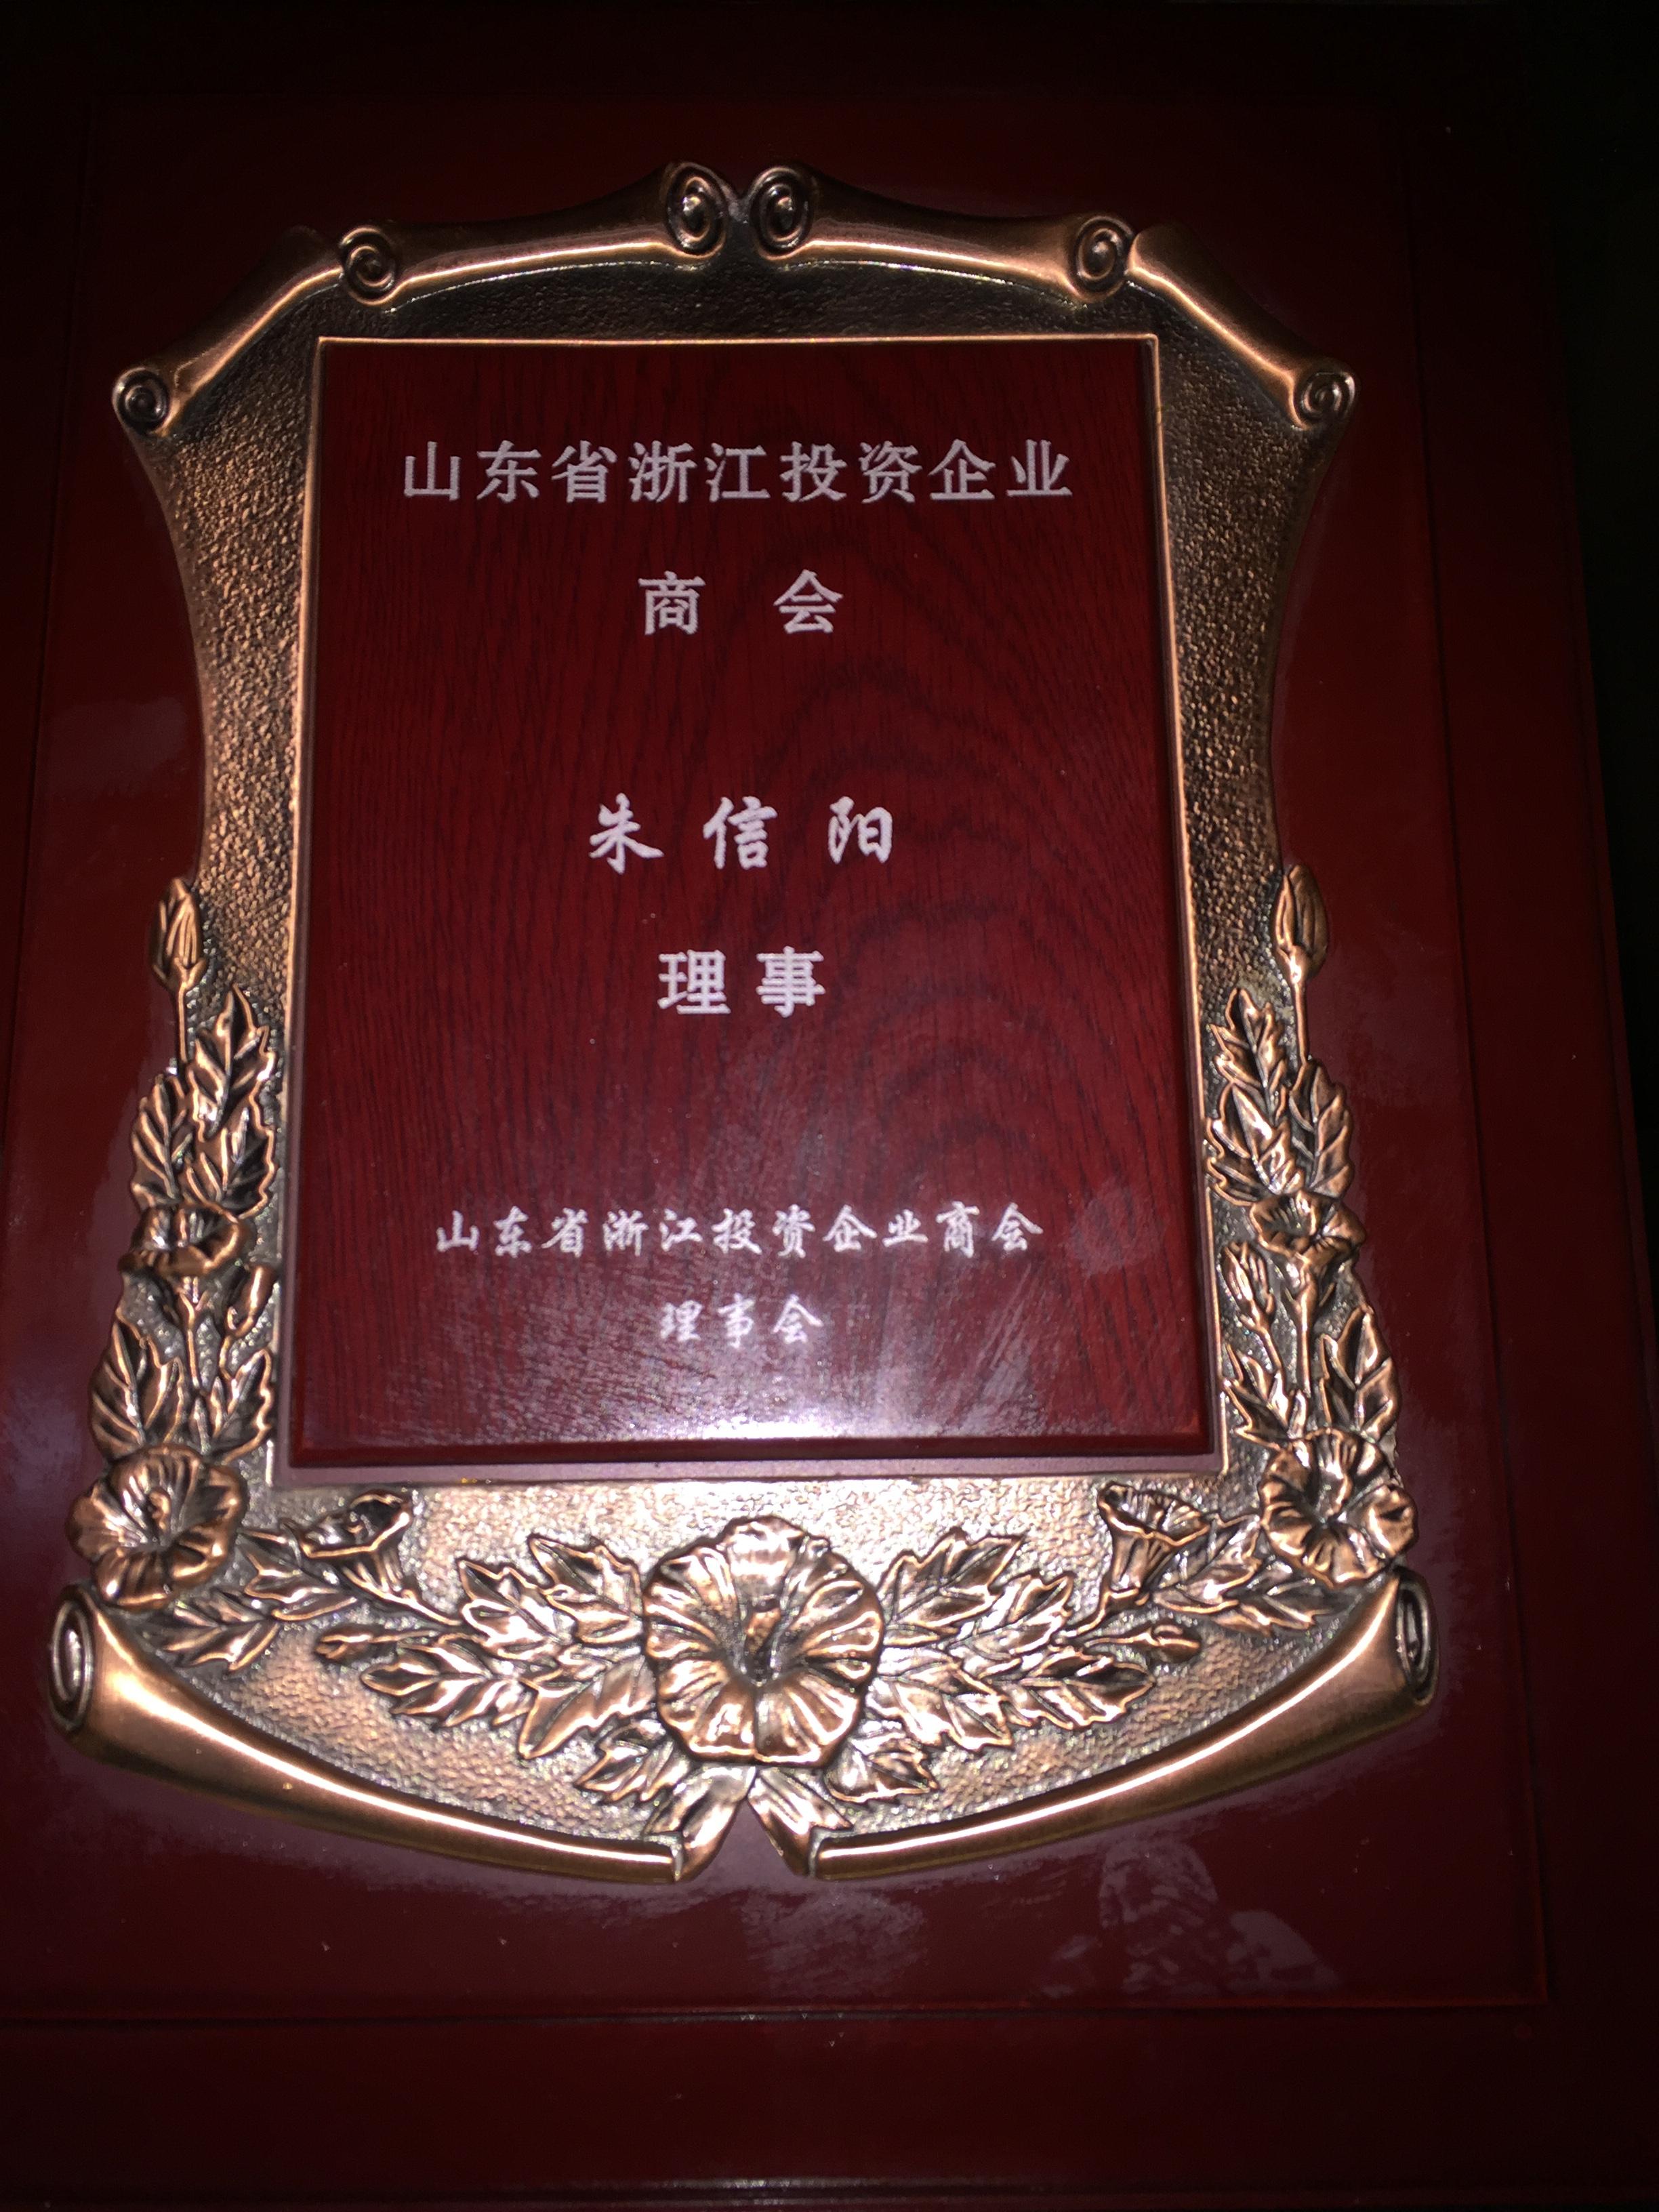 浙江投资企业商会朱信阳